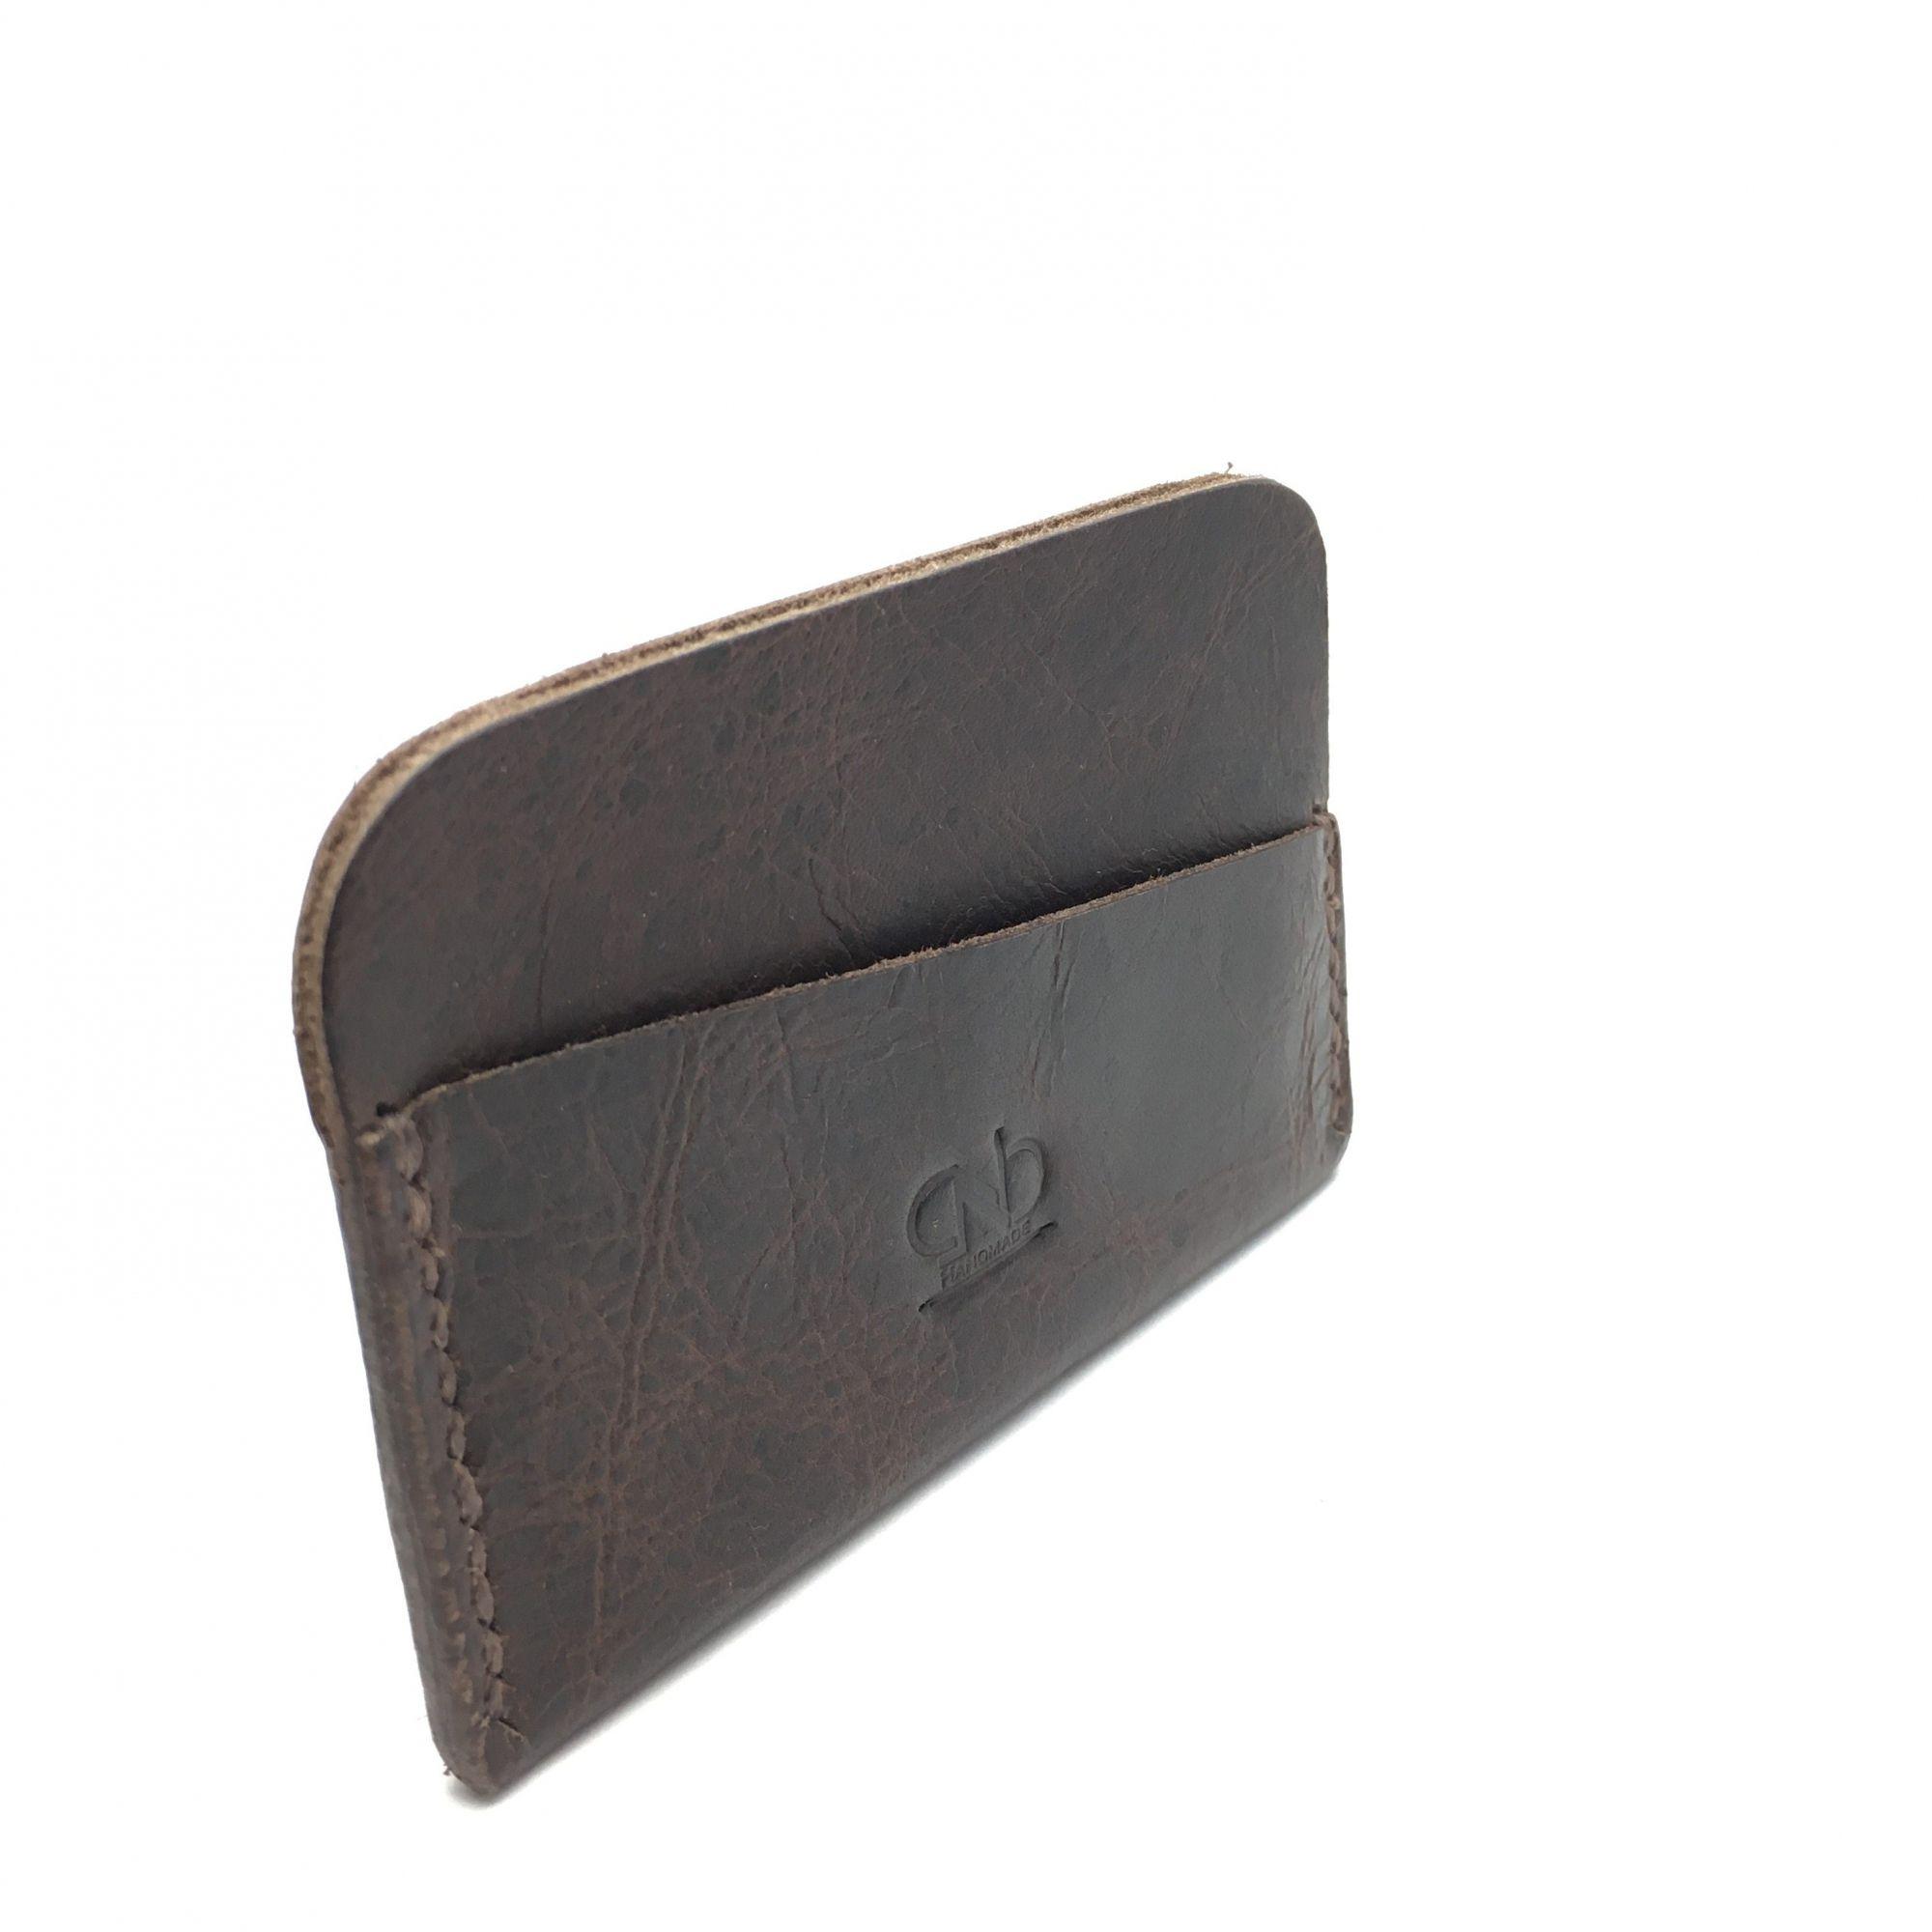 c0507ebcc ... Carteira Porta Cartões Slim CNB Couro Legítimo Feito à Mão ...